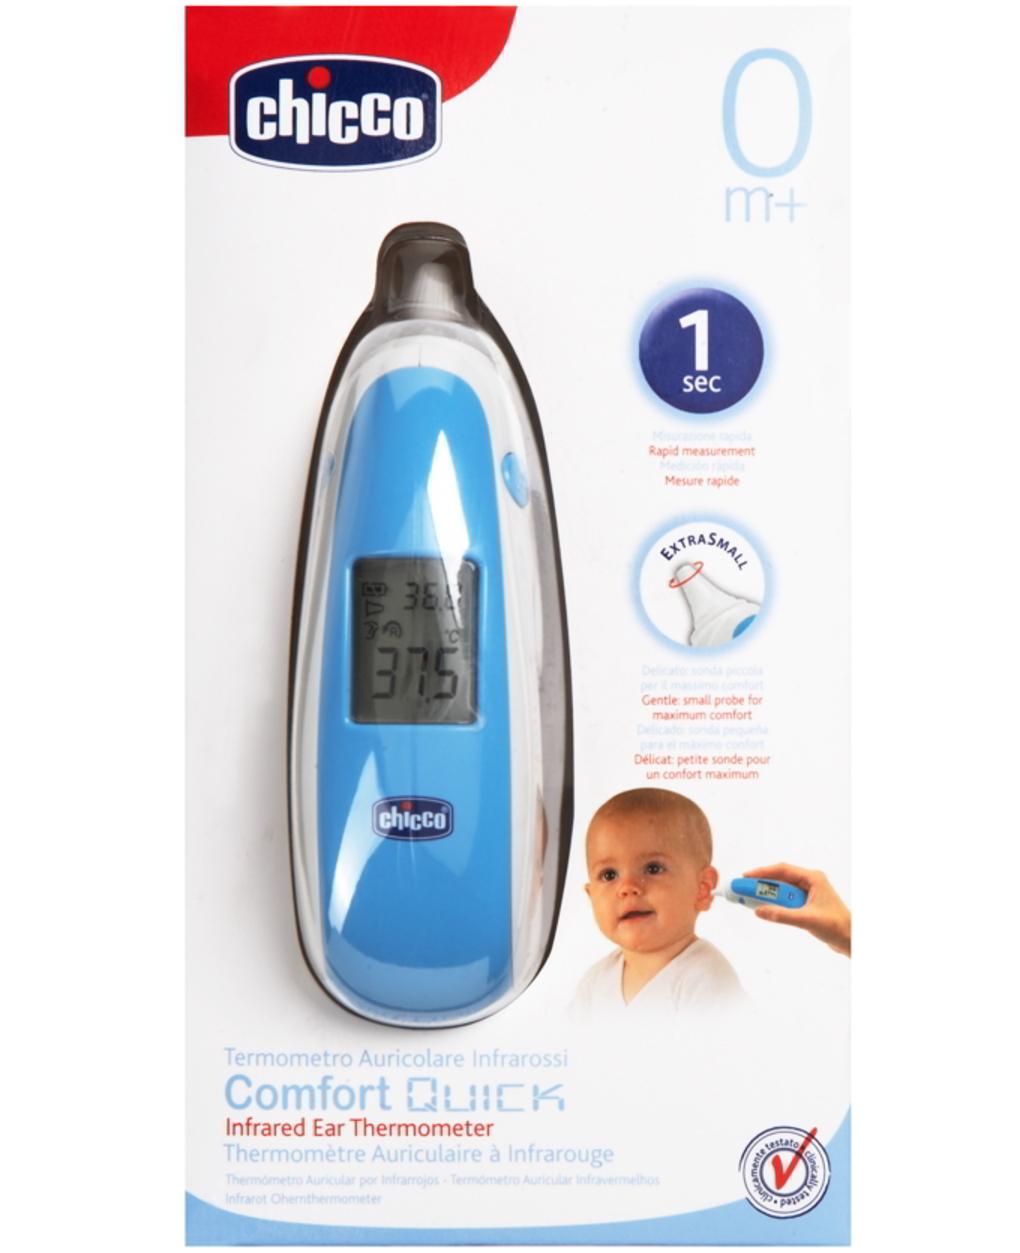 Termometro Confort Quick Prenatal Store Online Termometro clinico timpanico a raggi infrarossi genius 2 covidien vendo per doppio acquisto prodotto nuovo, mai usato, ancora nella scatola con imballaggi, istruzioni e cd. termometro confort quick